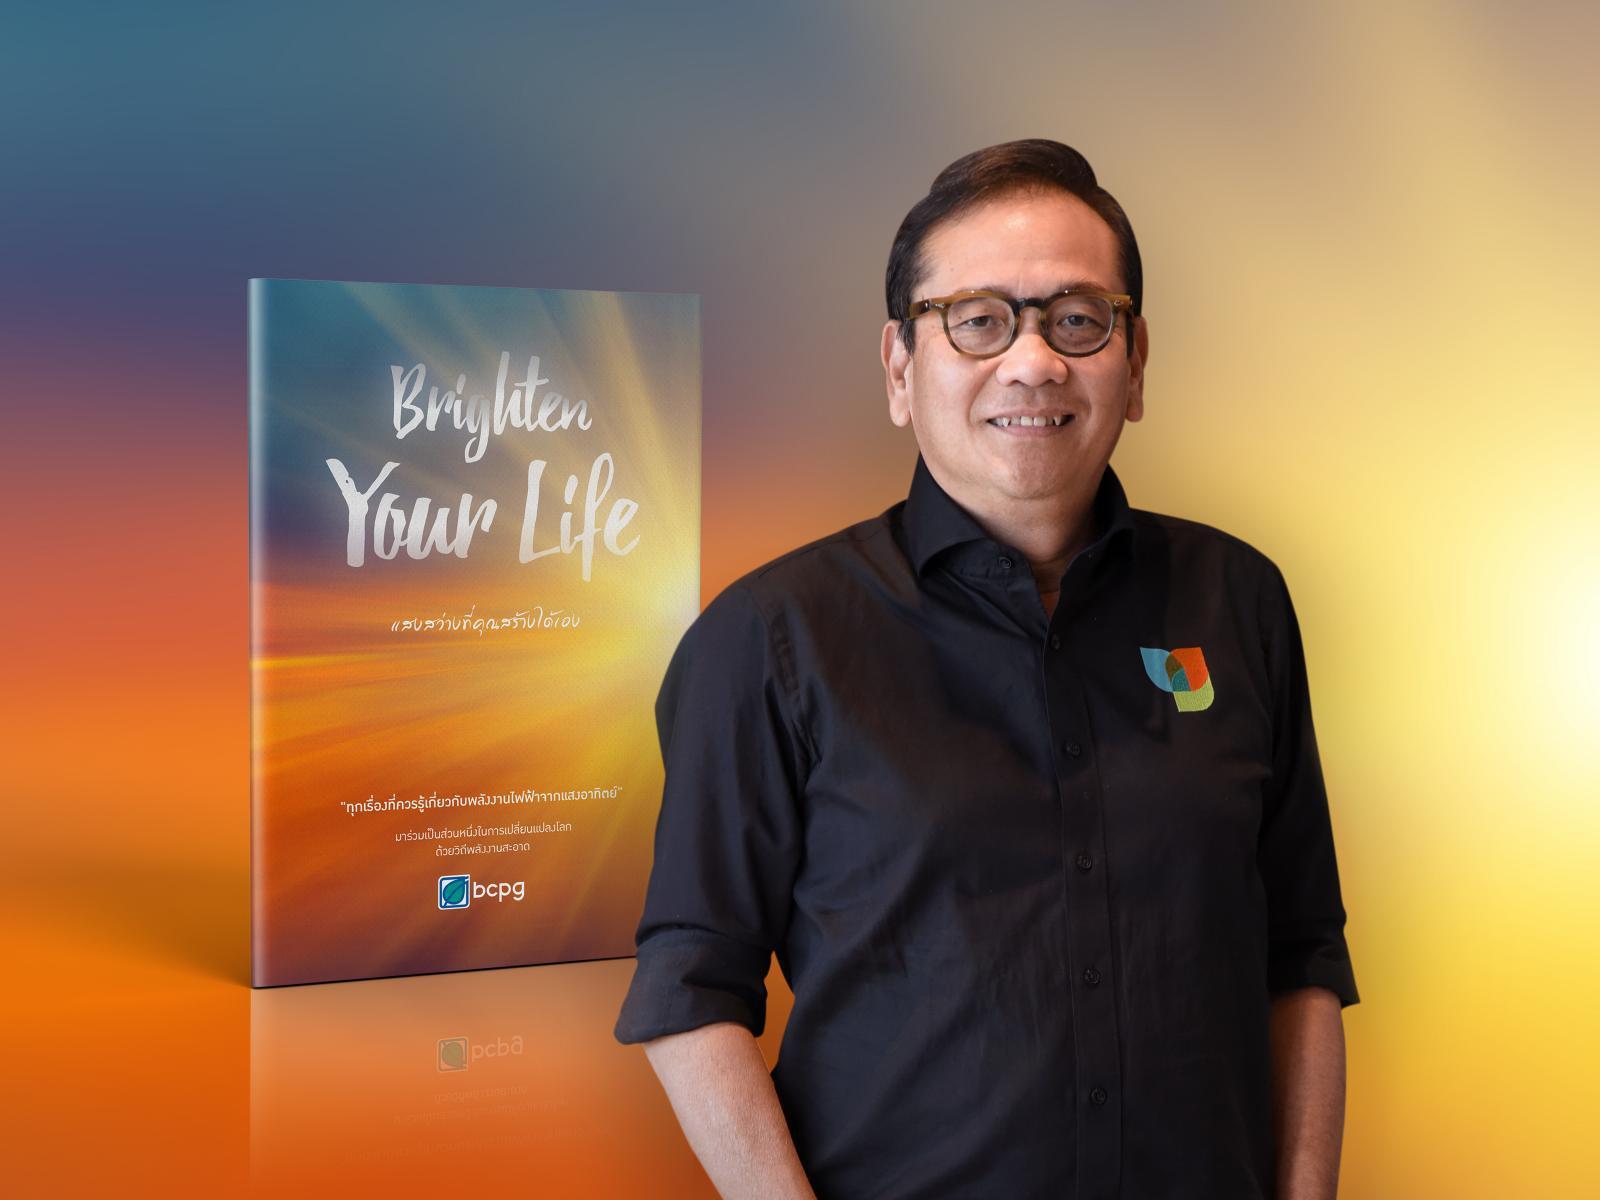 """""""บีซีพีจี"""" ชวนทุกคนร่วมเปลี่ยนแปลงโลกด้วยวิถีพลังงานสะอาด ผ่านคู่มือ """"Brighten Your Life แสงสว่างที่คุณสร้างได้เอง"""" โหลดฟรีได้แล้ววันนี้"""